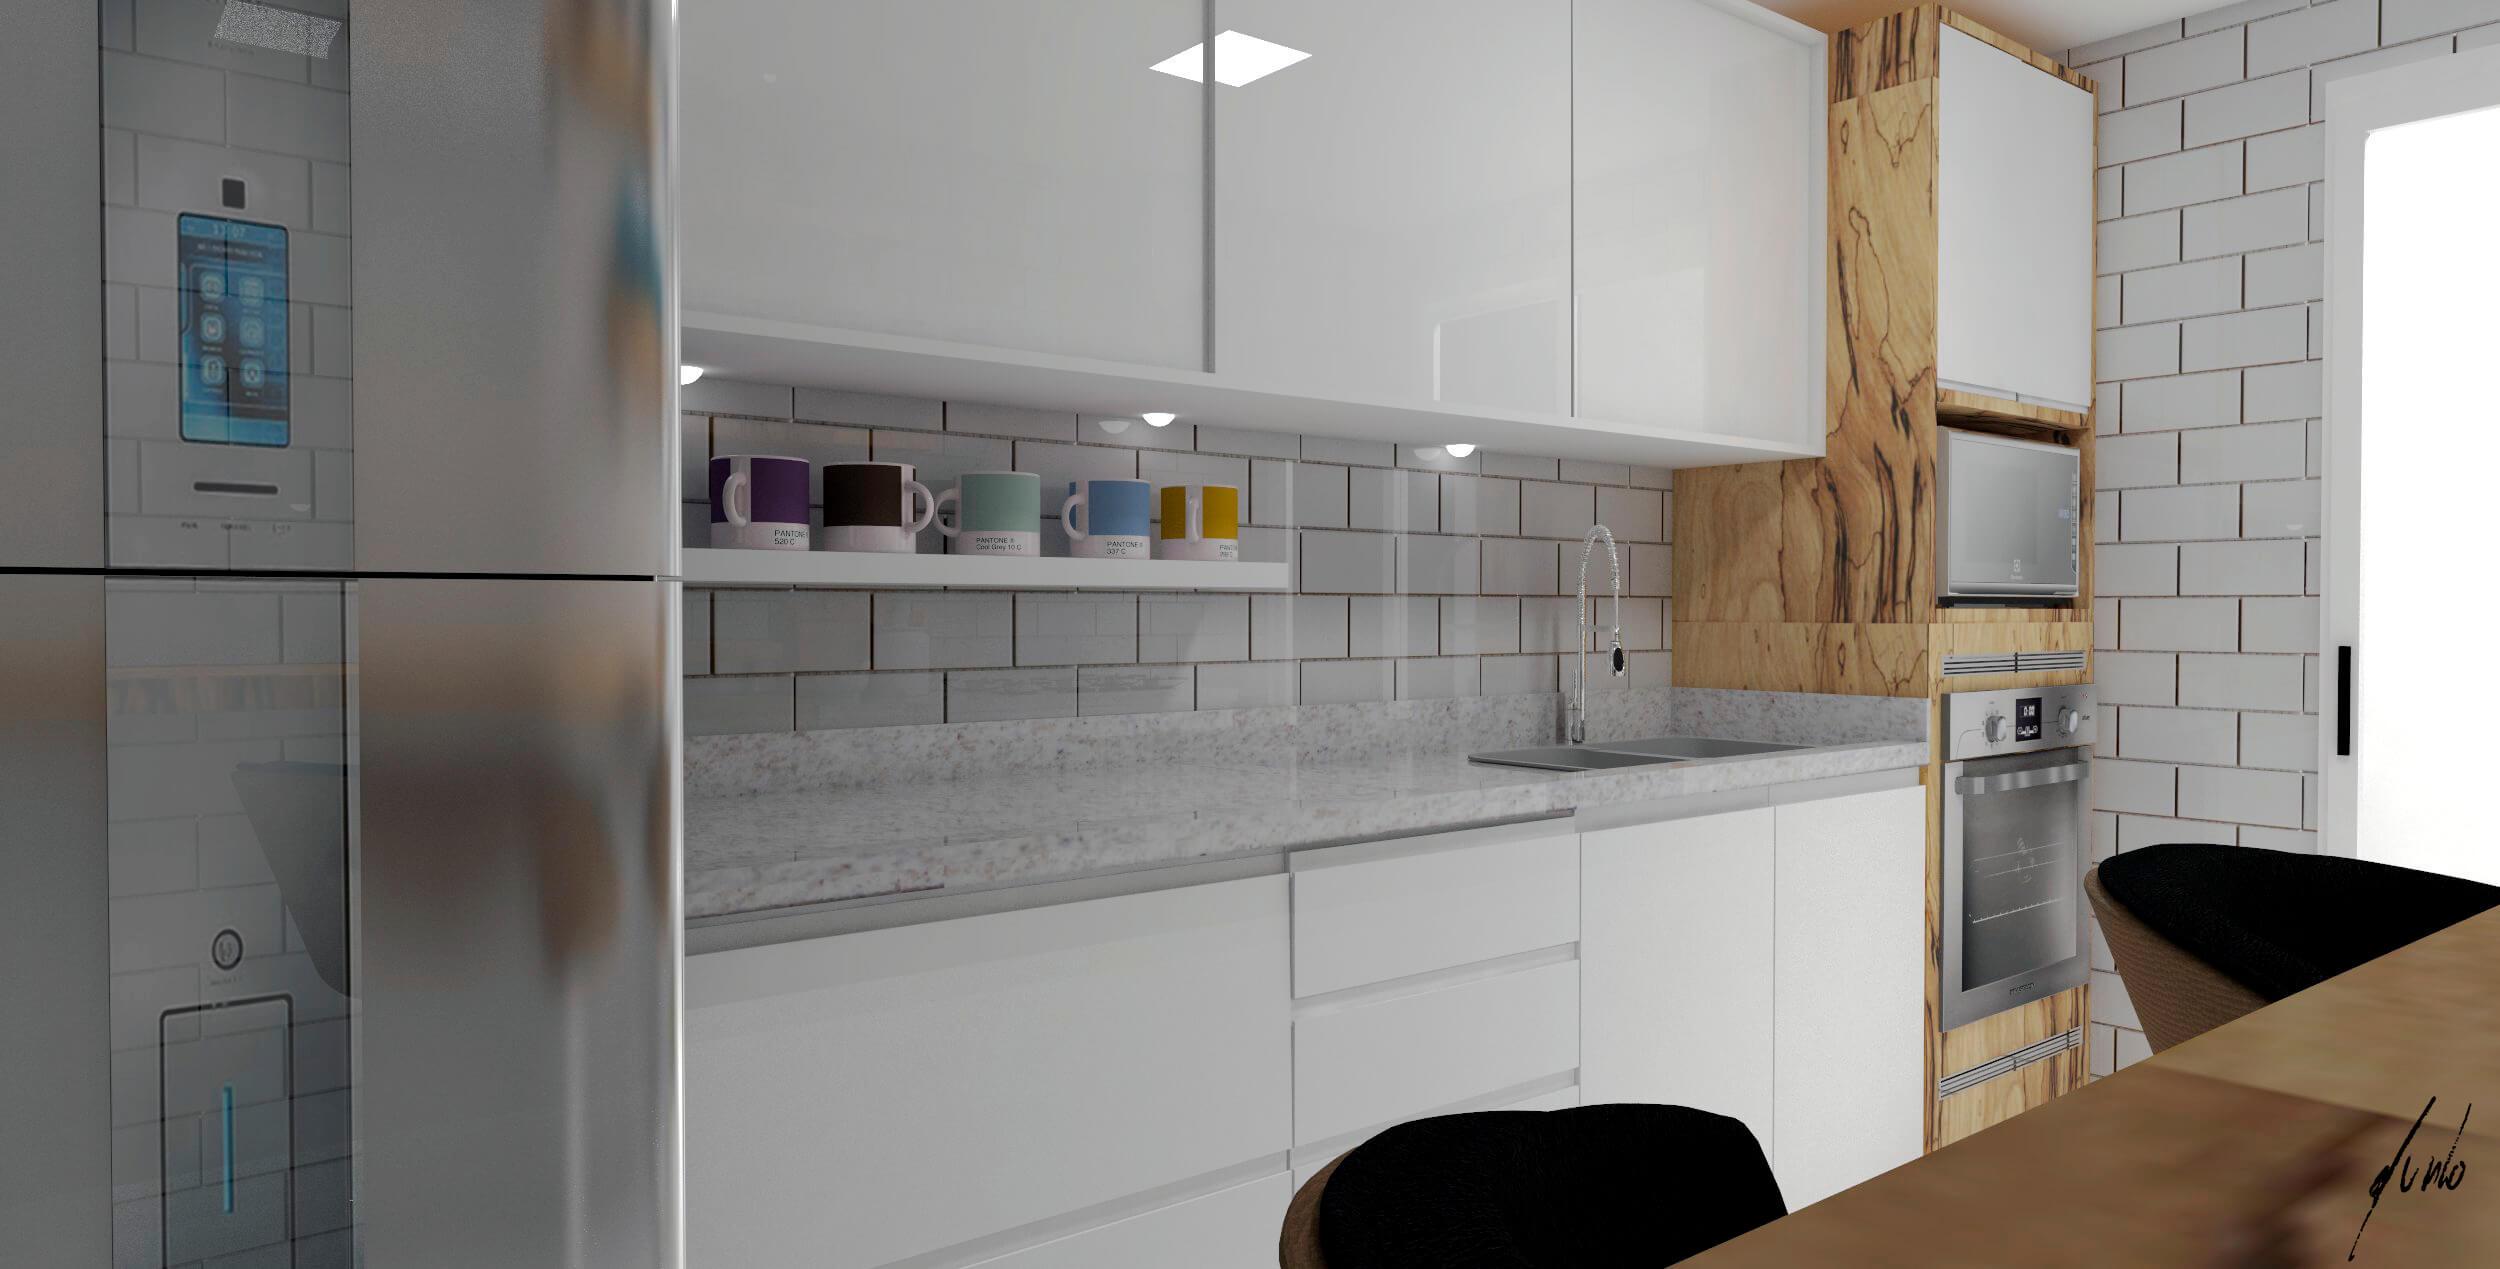 #674E38 Cozinha clean vidros brancos porcelanato liquido madeirados projeto  2500x1269 px Projetos De Cozinhas Com Silestone #479 imagens